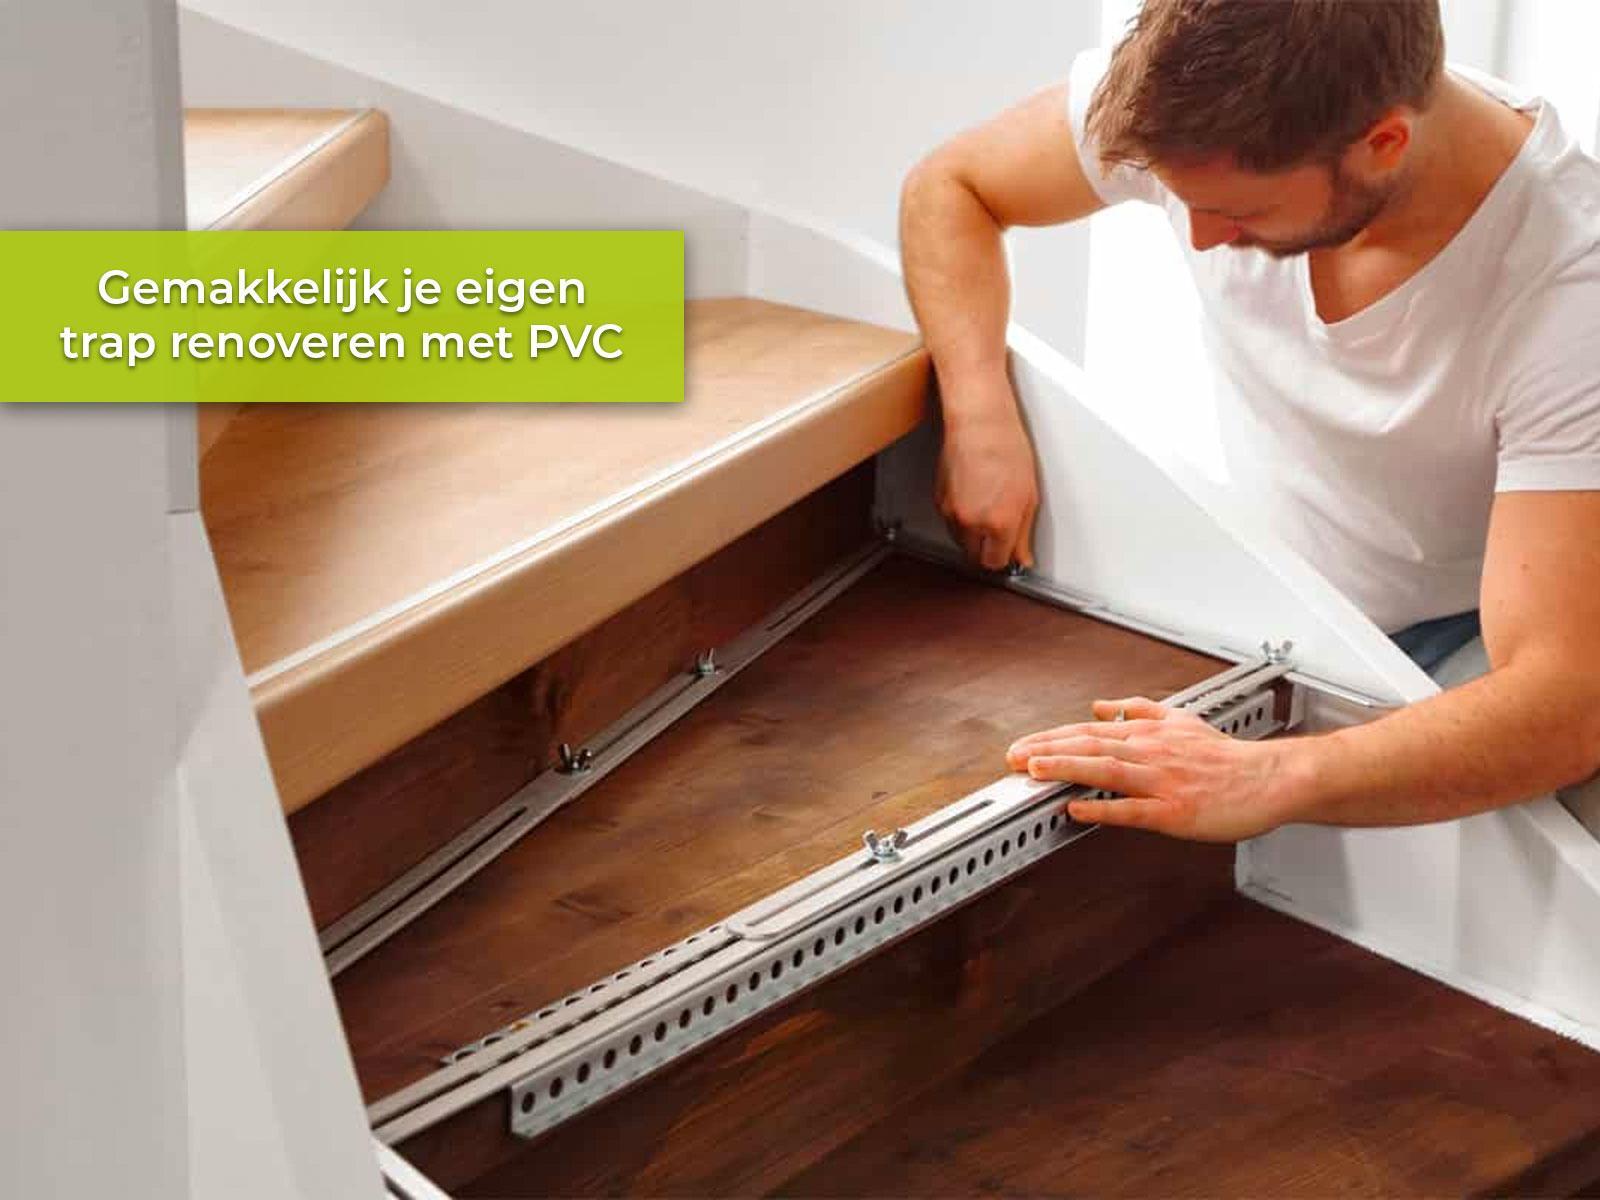 Gemakkelijk je eigen trap renoveren met PVC met traprenovatie set